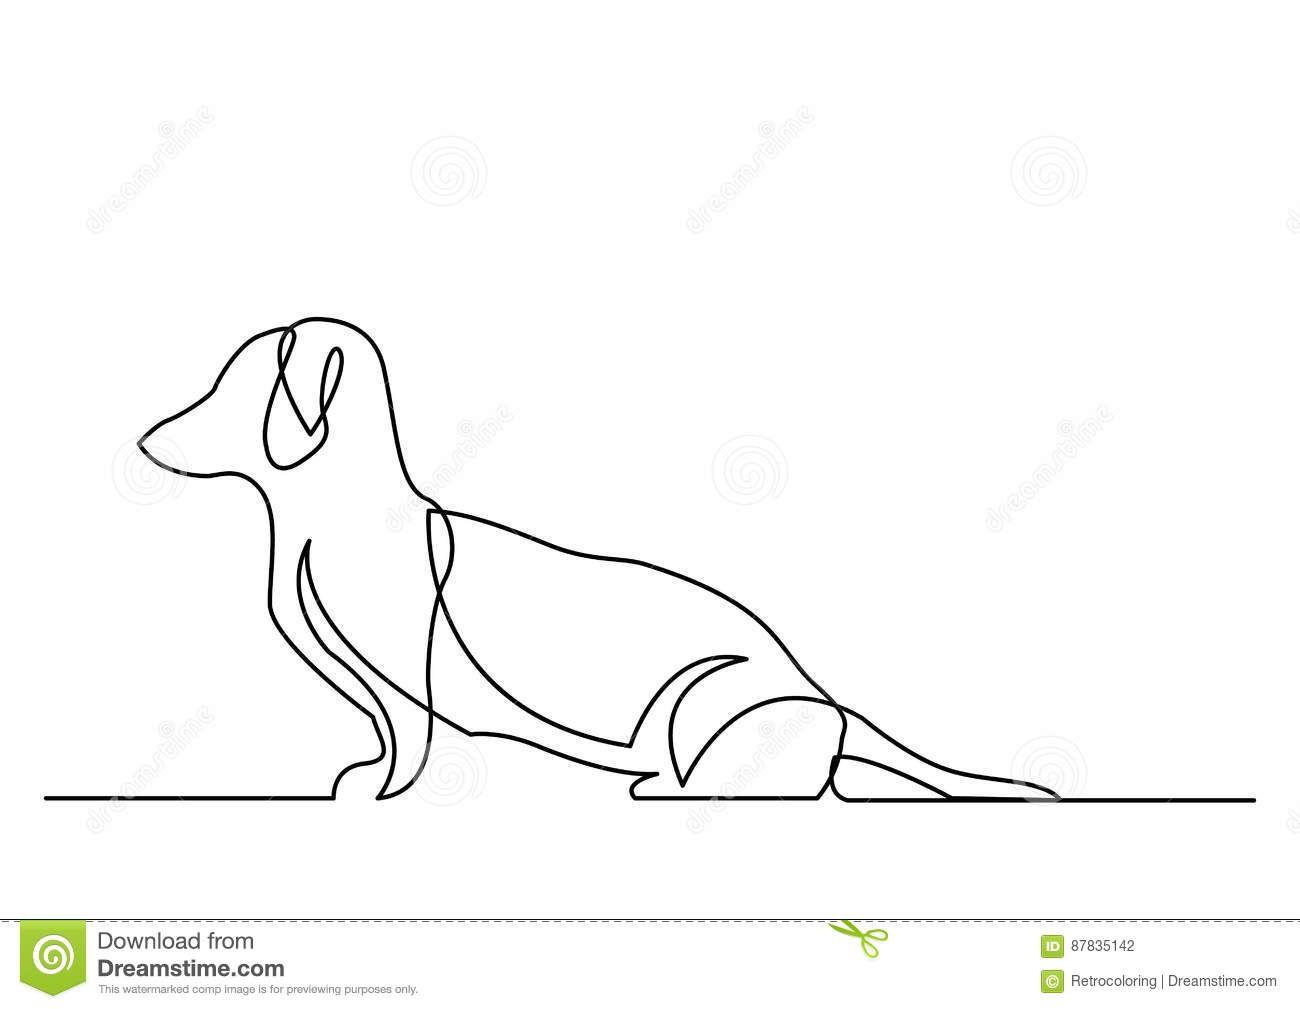 Dibujo Lineal Continuo Del Perro Basset Descarga De Over 68 Millones De Fotos De Alta Calidad E Imagenes Vectores Inscribete Gra Dibujo Lineal Basset Vector